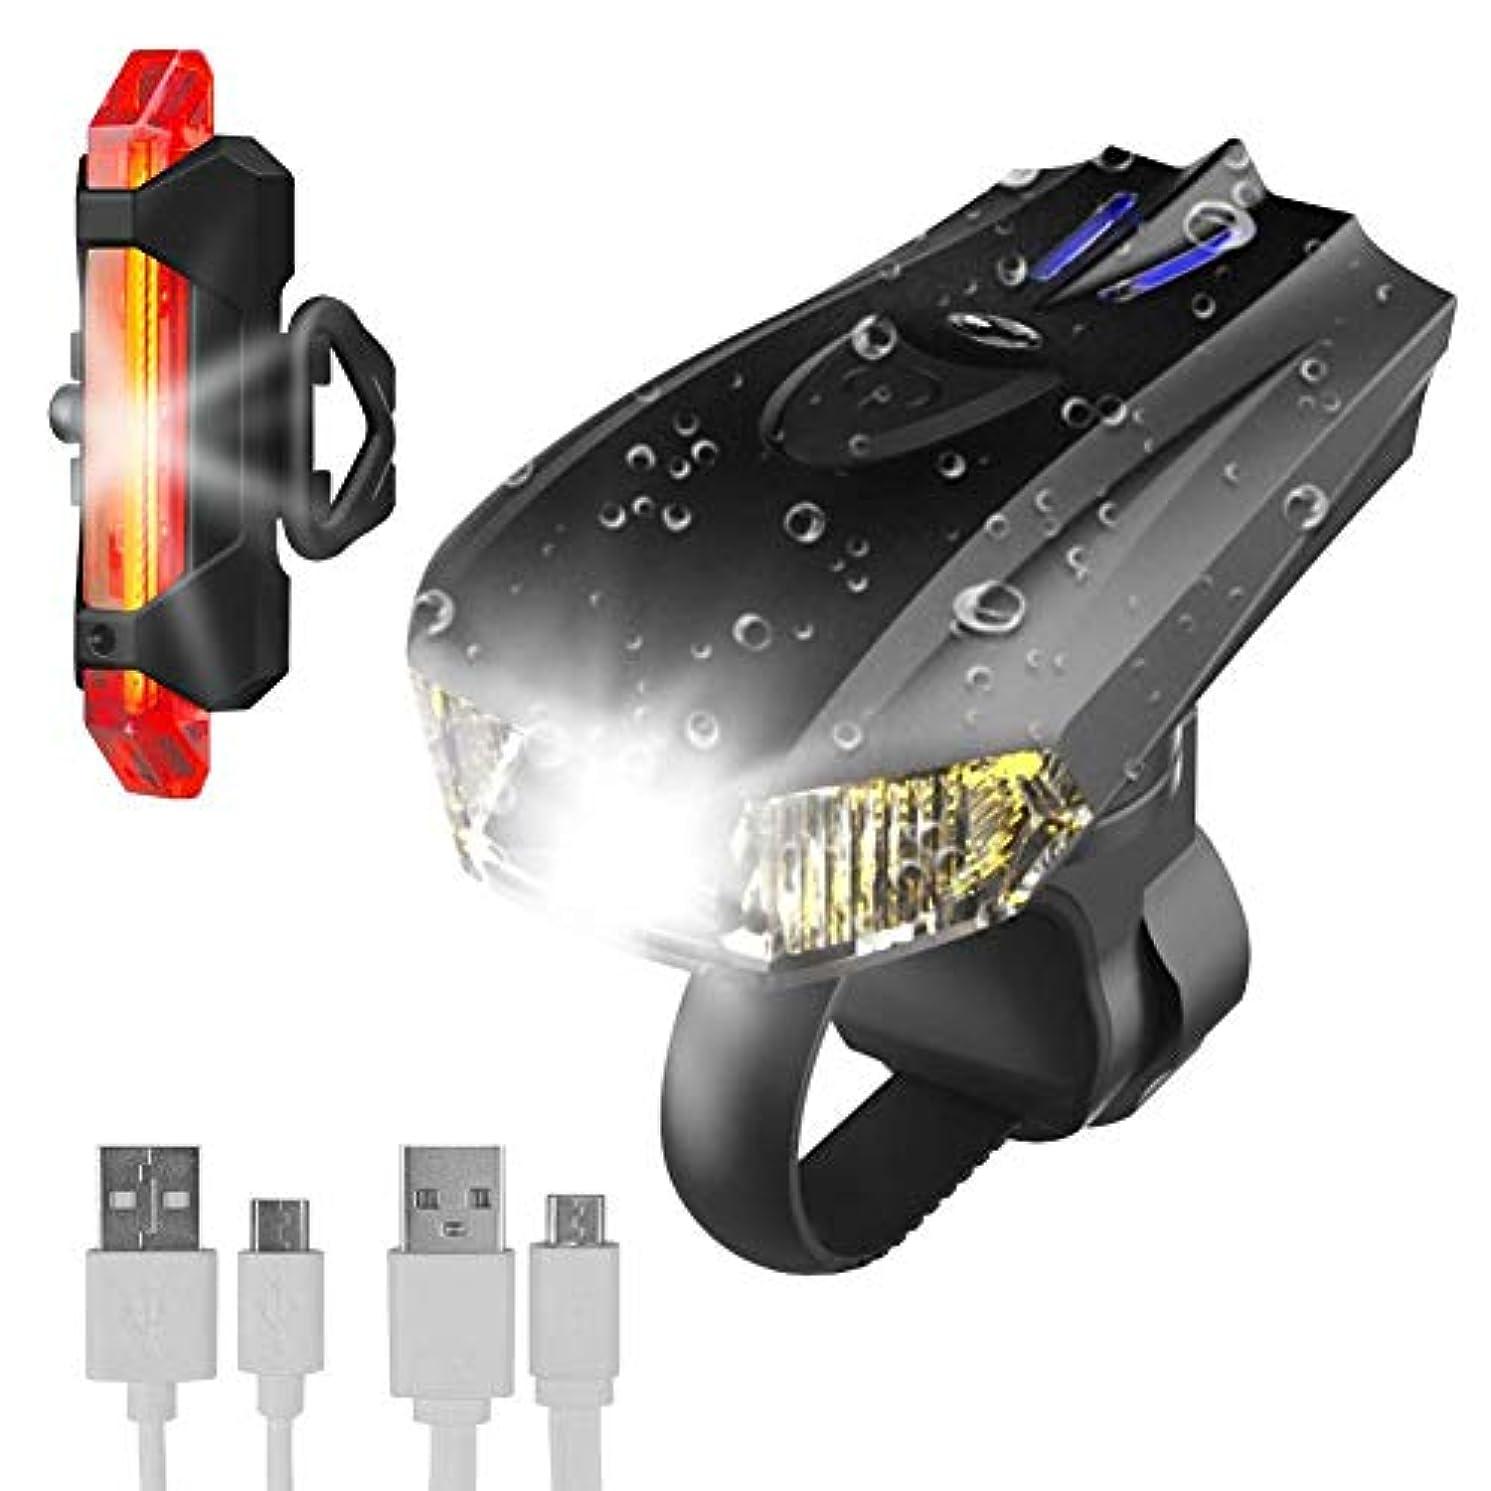 不注意軍ハンディ自転車ライト テールライト付 USB充電式 LED自転車ライト LEDライト 充電式ライト 防水 自動センサー付き USB充電 省エネモード 明るい 自動(オート)で点灯/消灯 懐中電灯 400ルーメン 高輝度 LED IP65防水 50mを照らす明るいライトインテリジェントな光と振動センサー技術と5つのモード(スマート、安全サイドライト、ミッド、ハイ、フラッシュ)